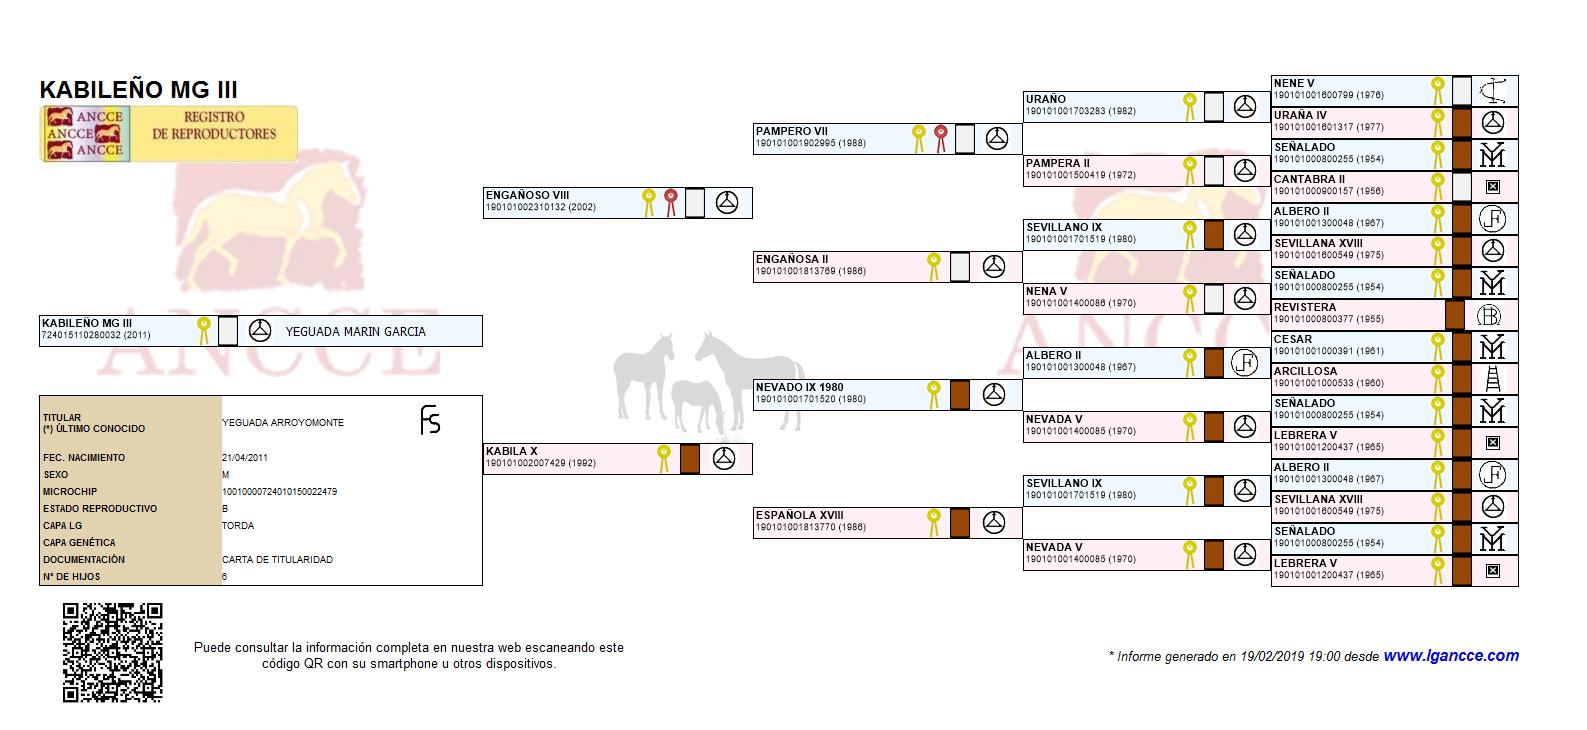 Kabileño MG III GenealogíaOK